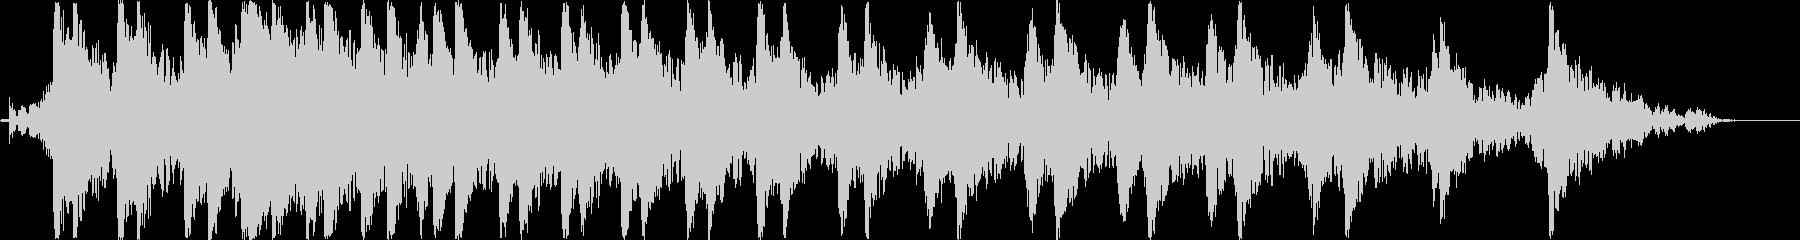 バイク・チェーンソーのエンジン音(B)の未再生の波形